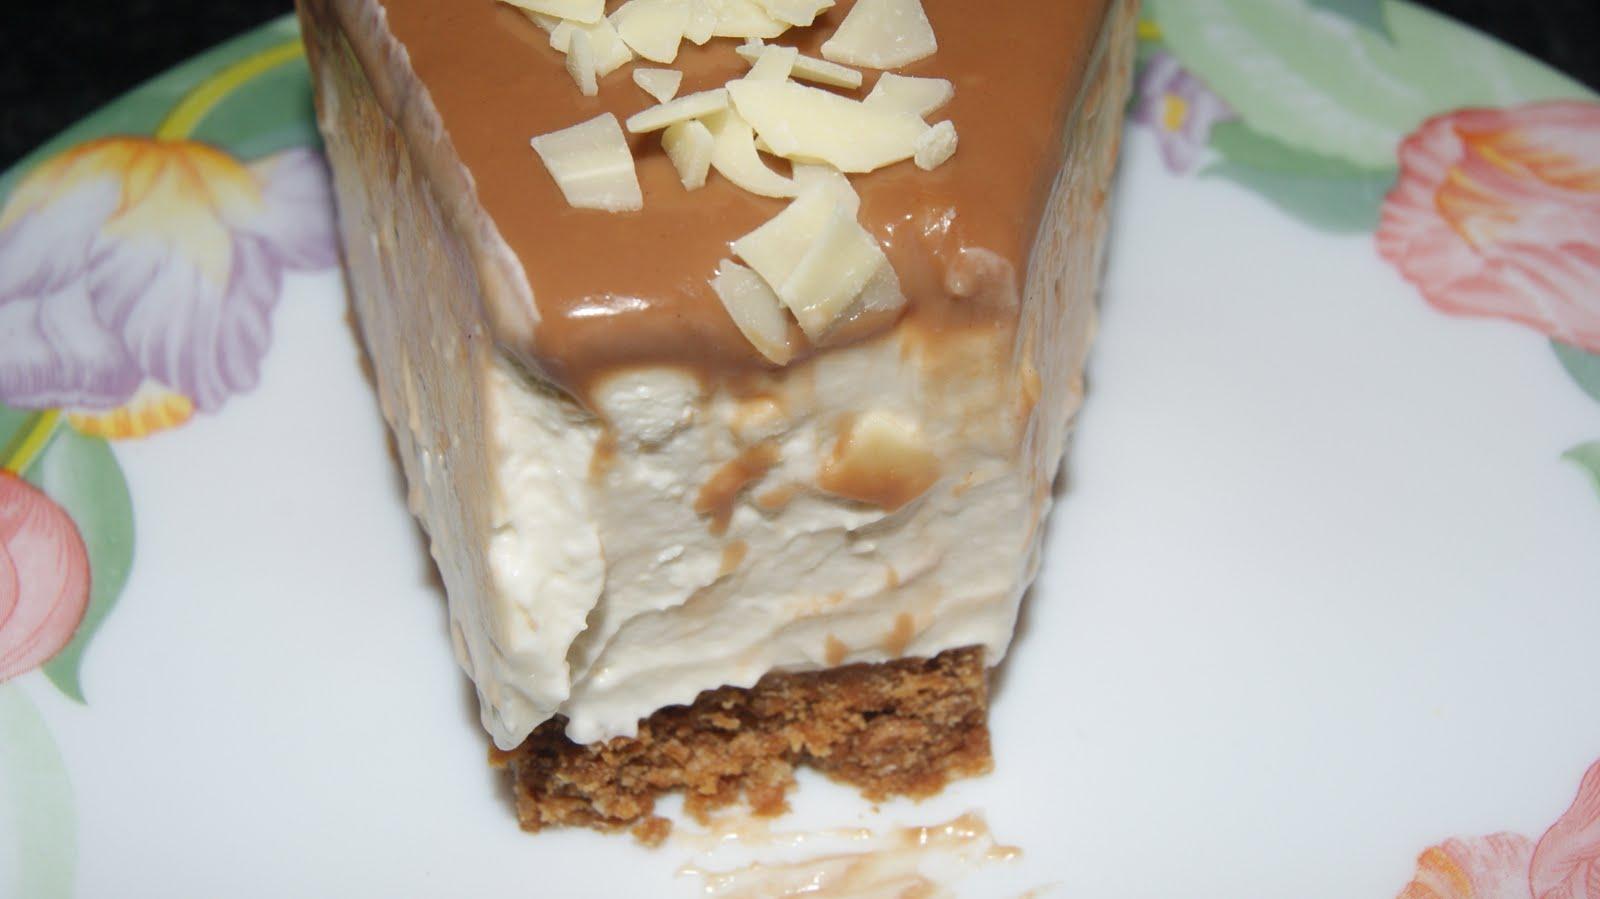 Des g teaux bons beaux cheese cake sans cuisson au caramel speculoos - Gouter rapide sans cuisson ...